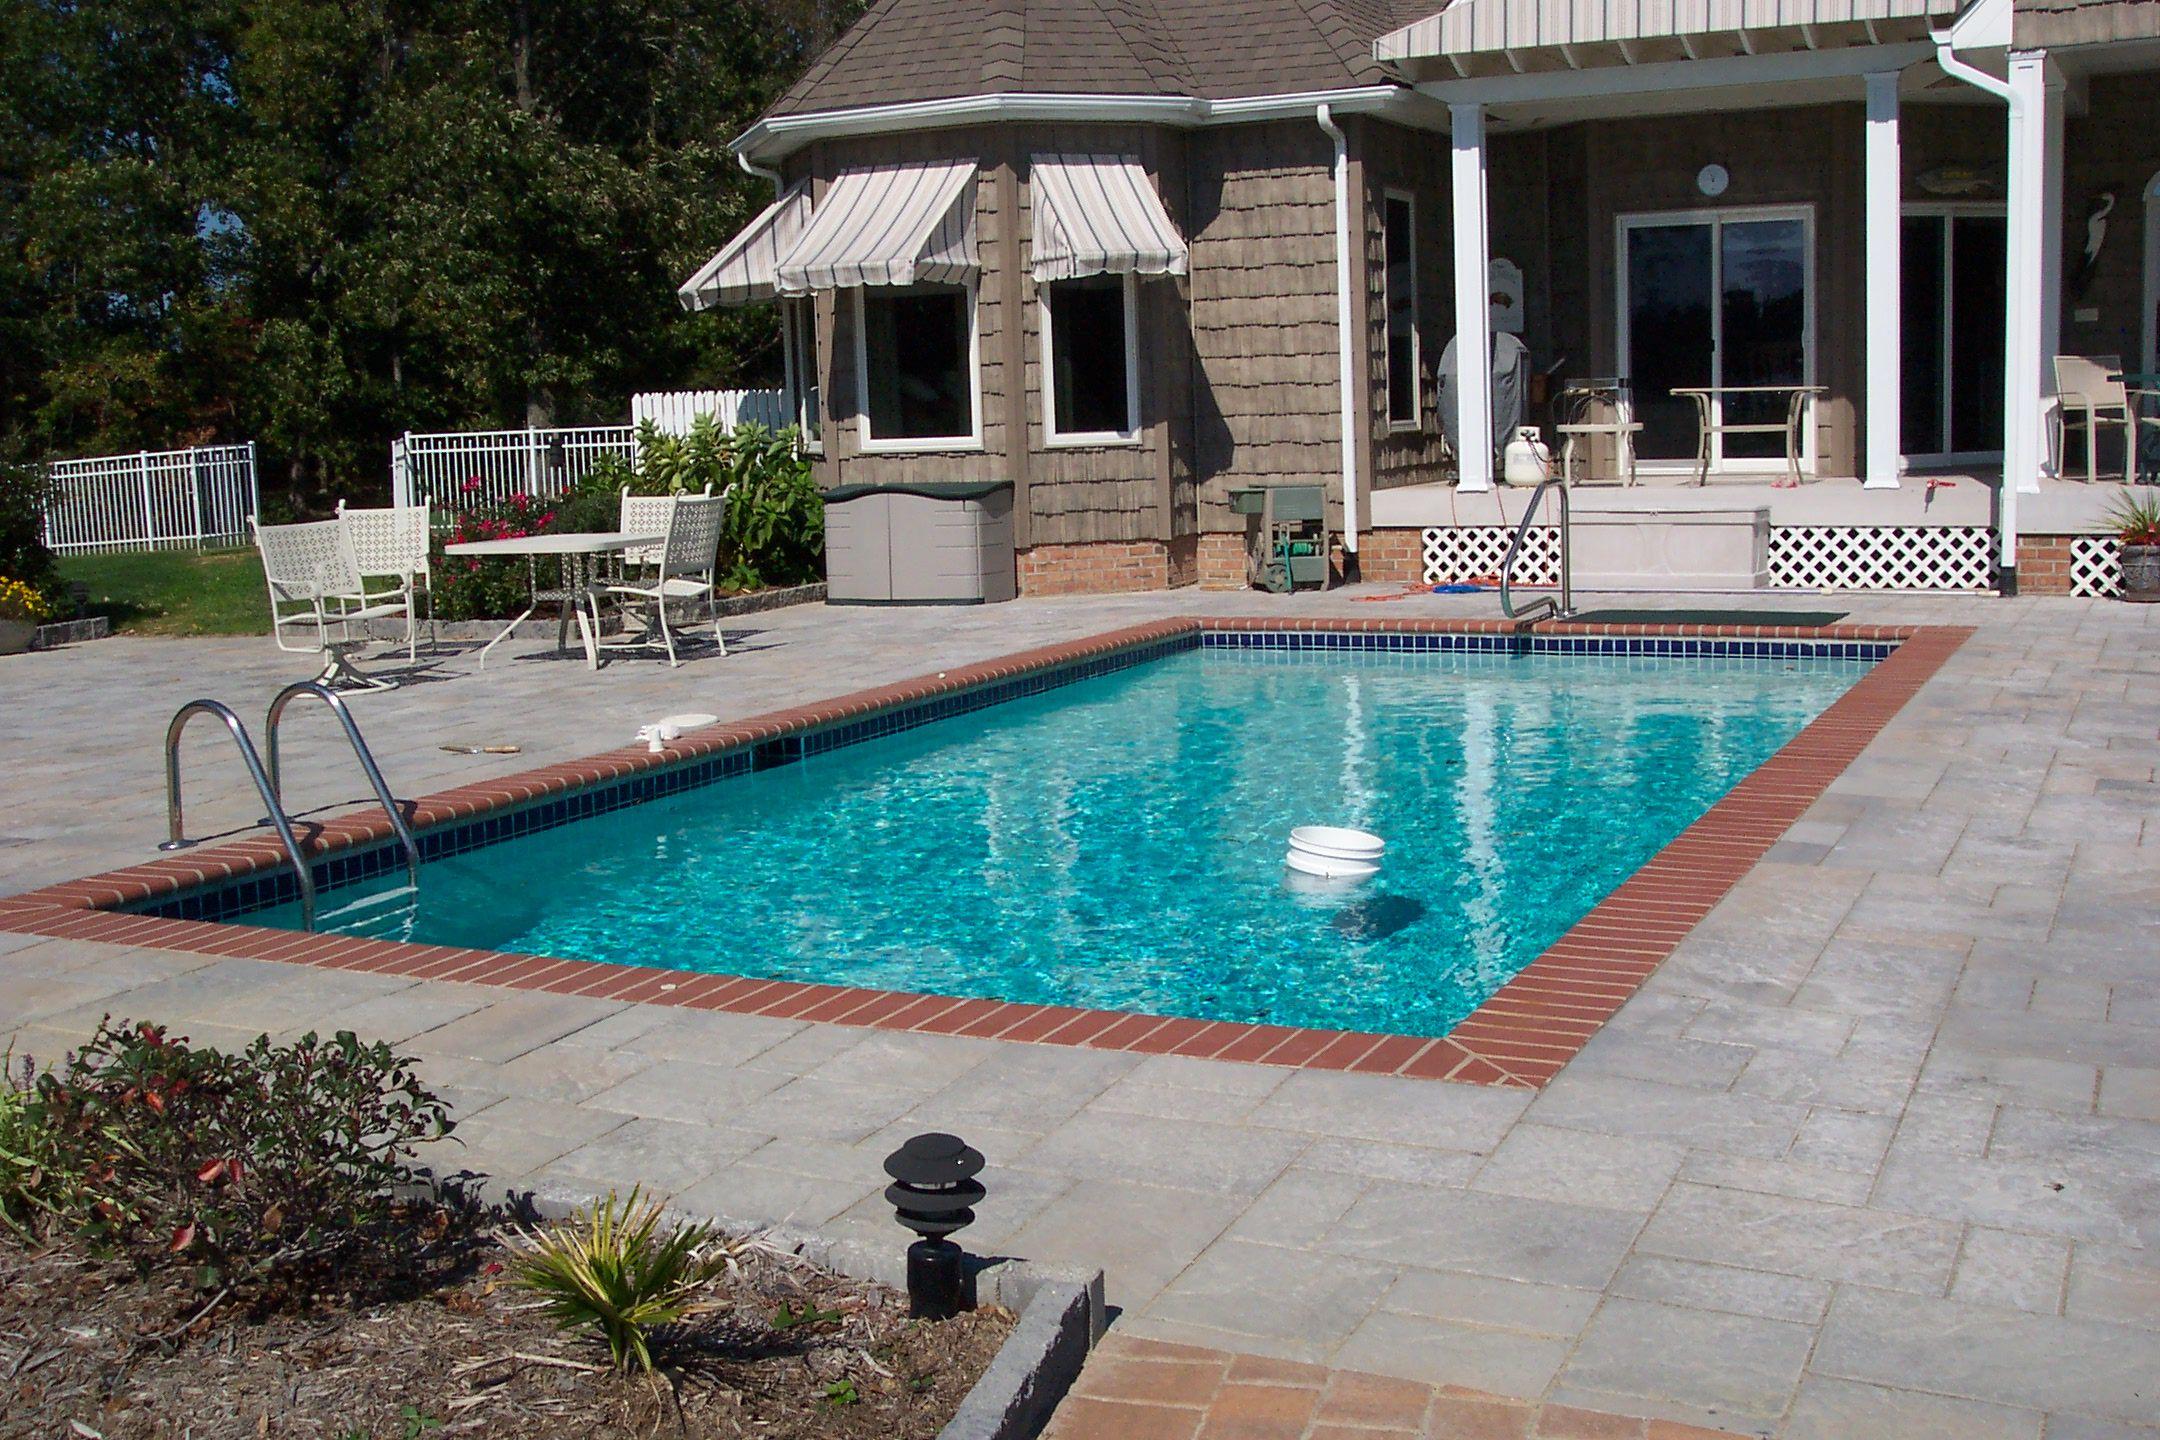 Cool Deck Coating Pools And Decking Pool decks, Pool